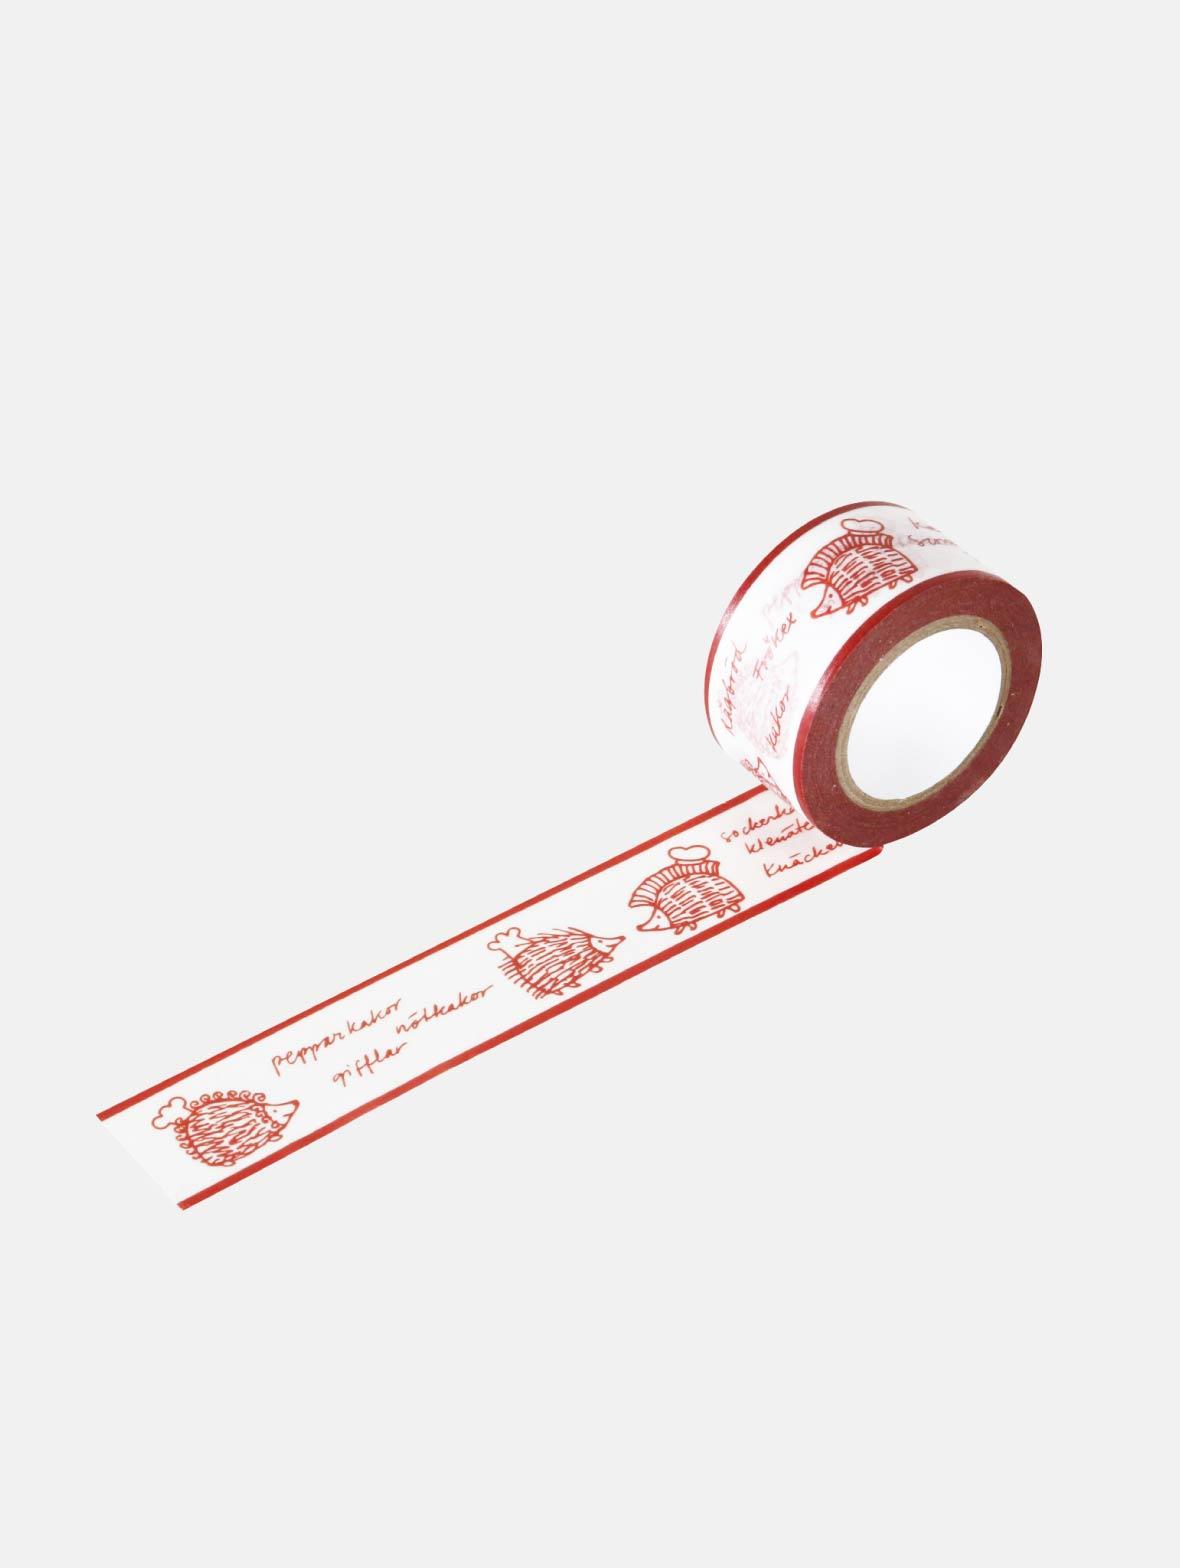 マスキングテープ(25mm・ハリネズミパン屋さん)